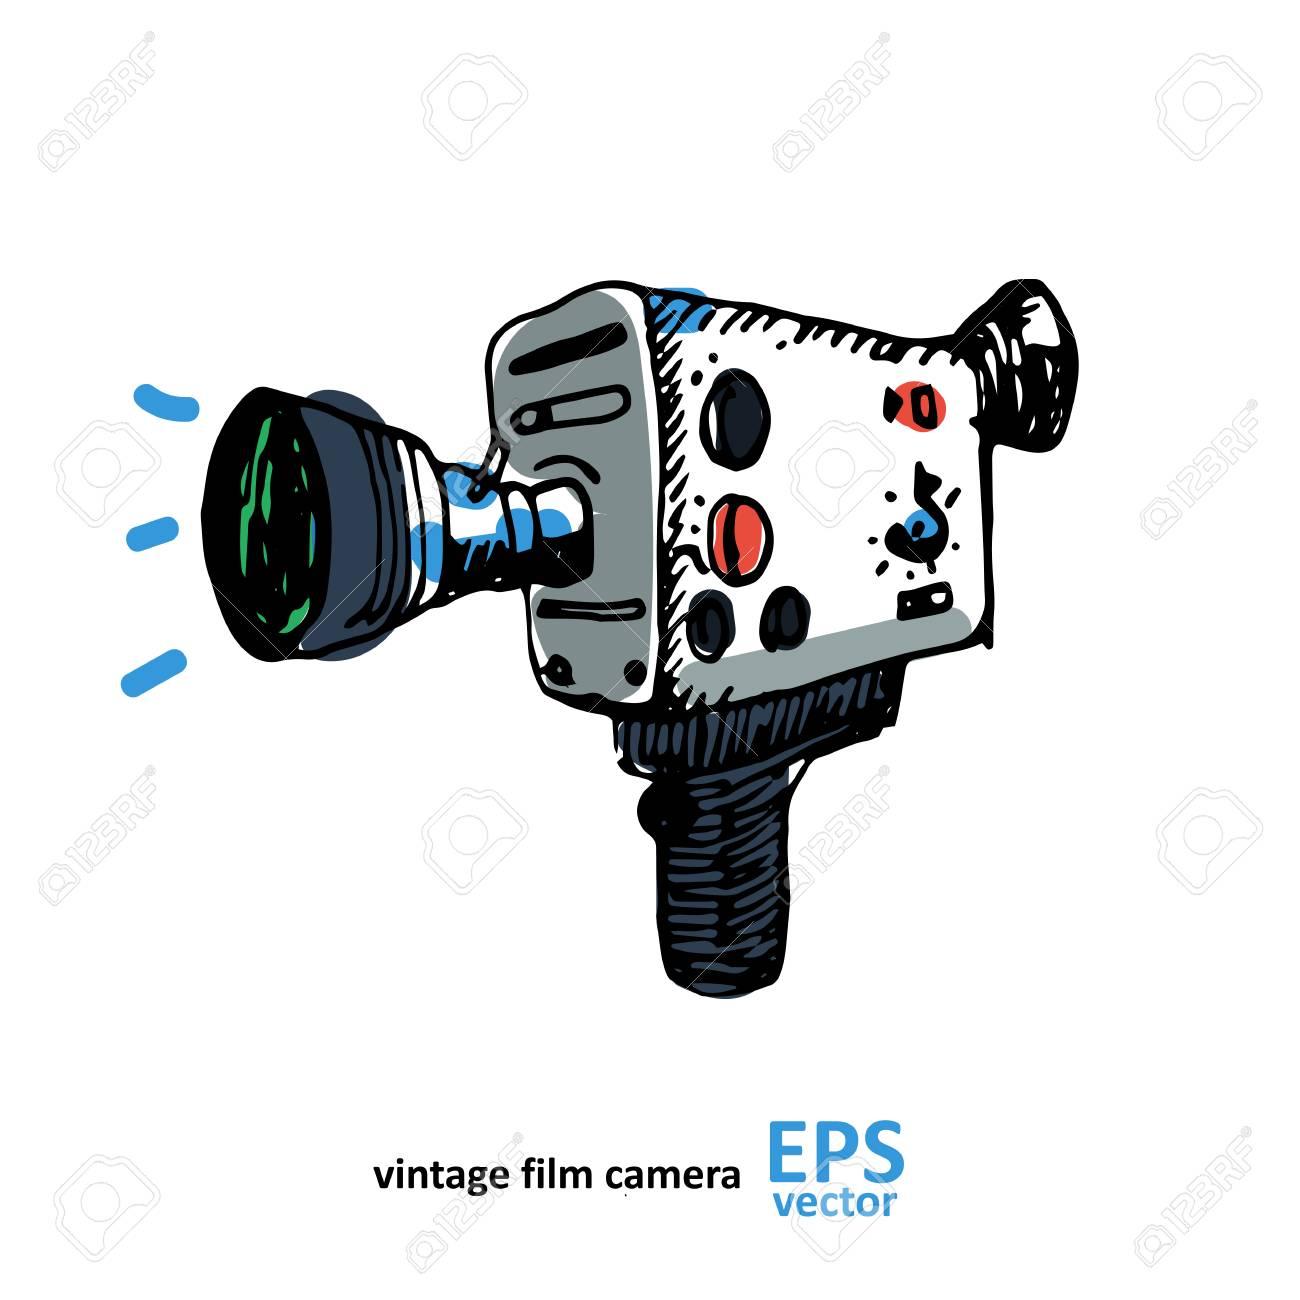 Vintage Dessin De La Camera Video Sur Un Fond Blanc Illustration Clip Art Libres De Droits Vecteurs Et Illustration Image 59837772